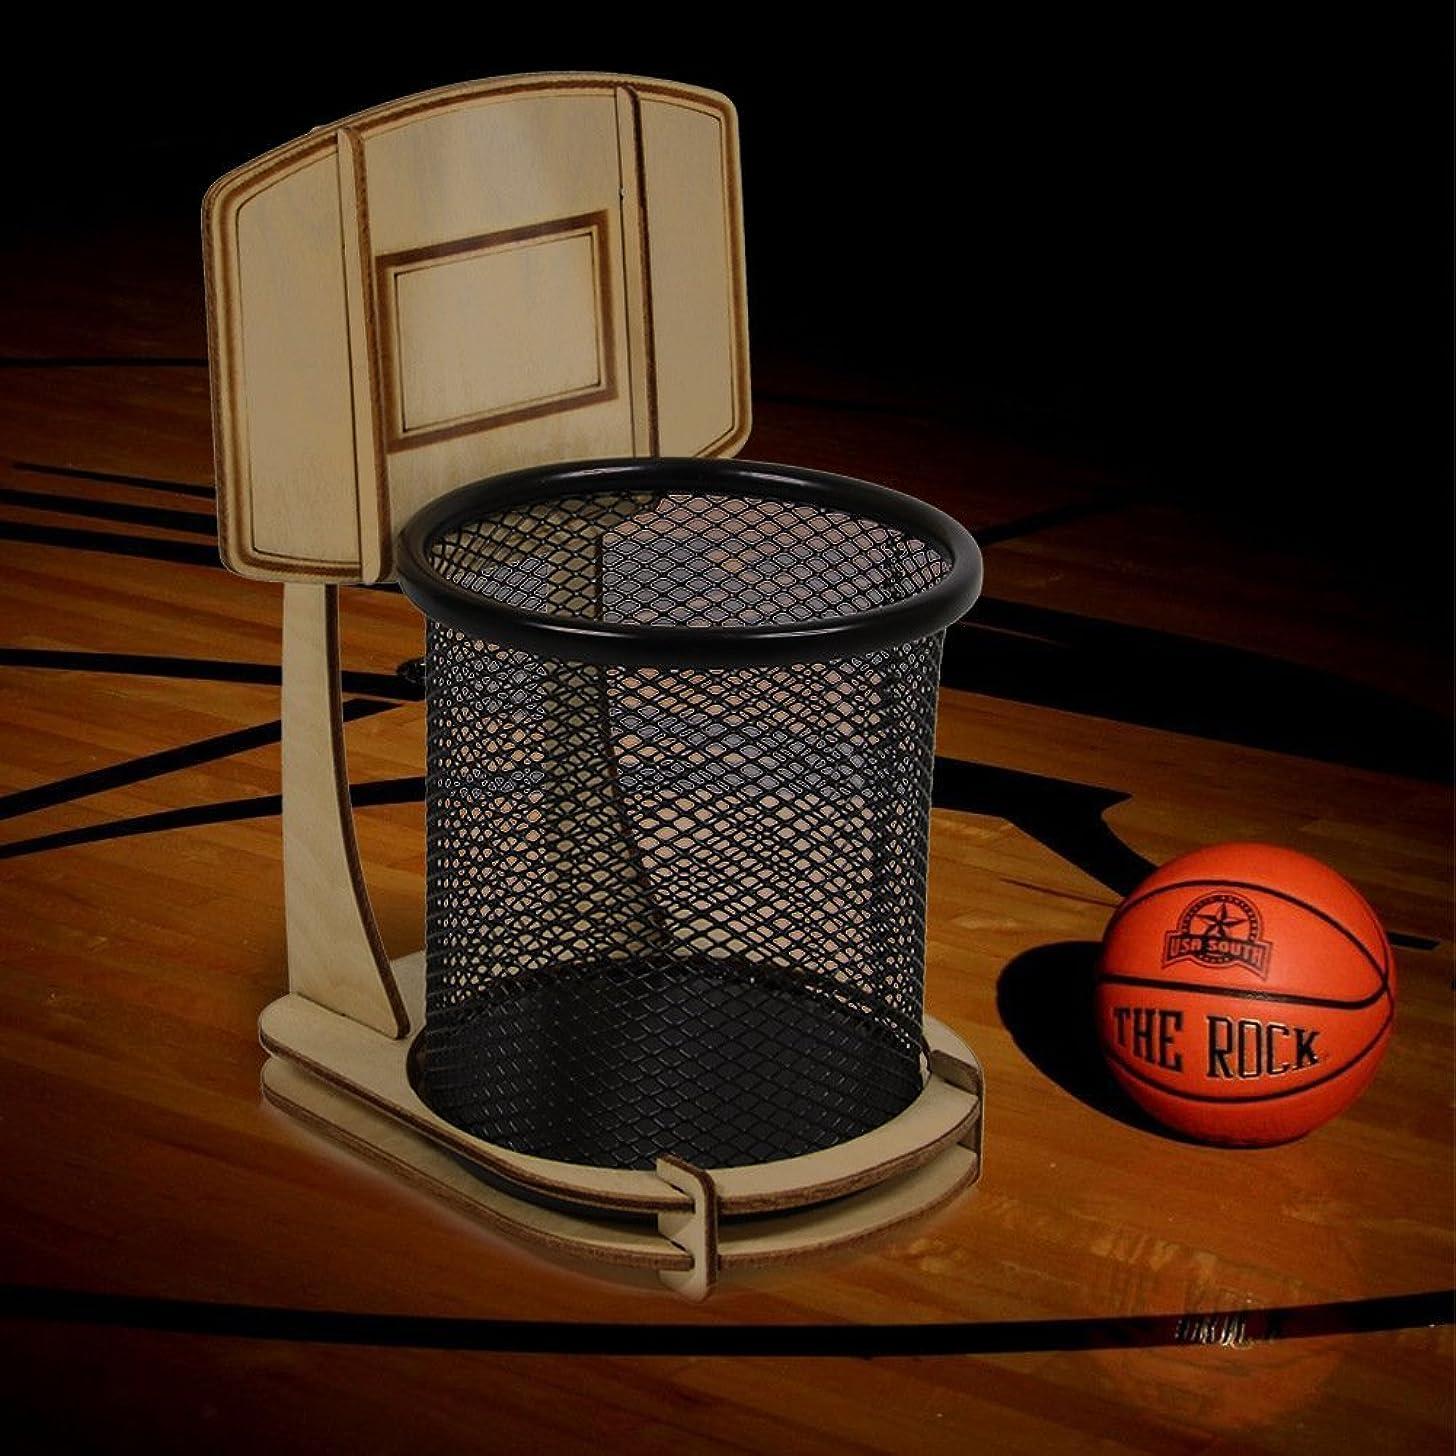 床無法者会員ペン立て ペンスタンド おもしろい バスケットボールスタンド型 ペンでシュート! 文房具の整理整頓を楽しめる 卓上ペンスタンド 文具ケース